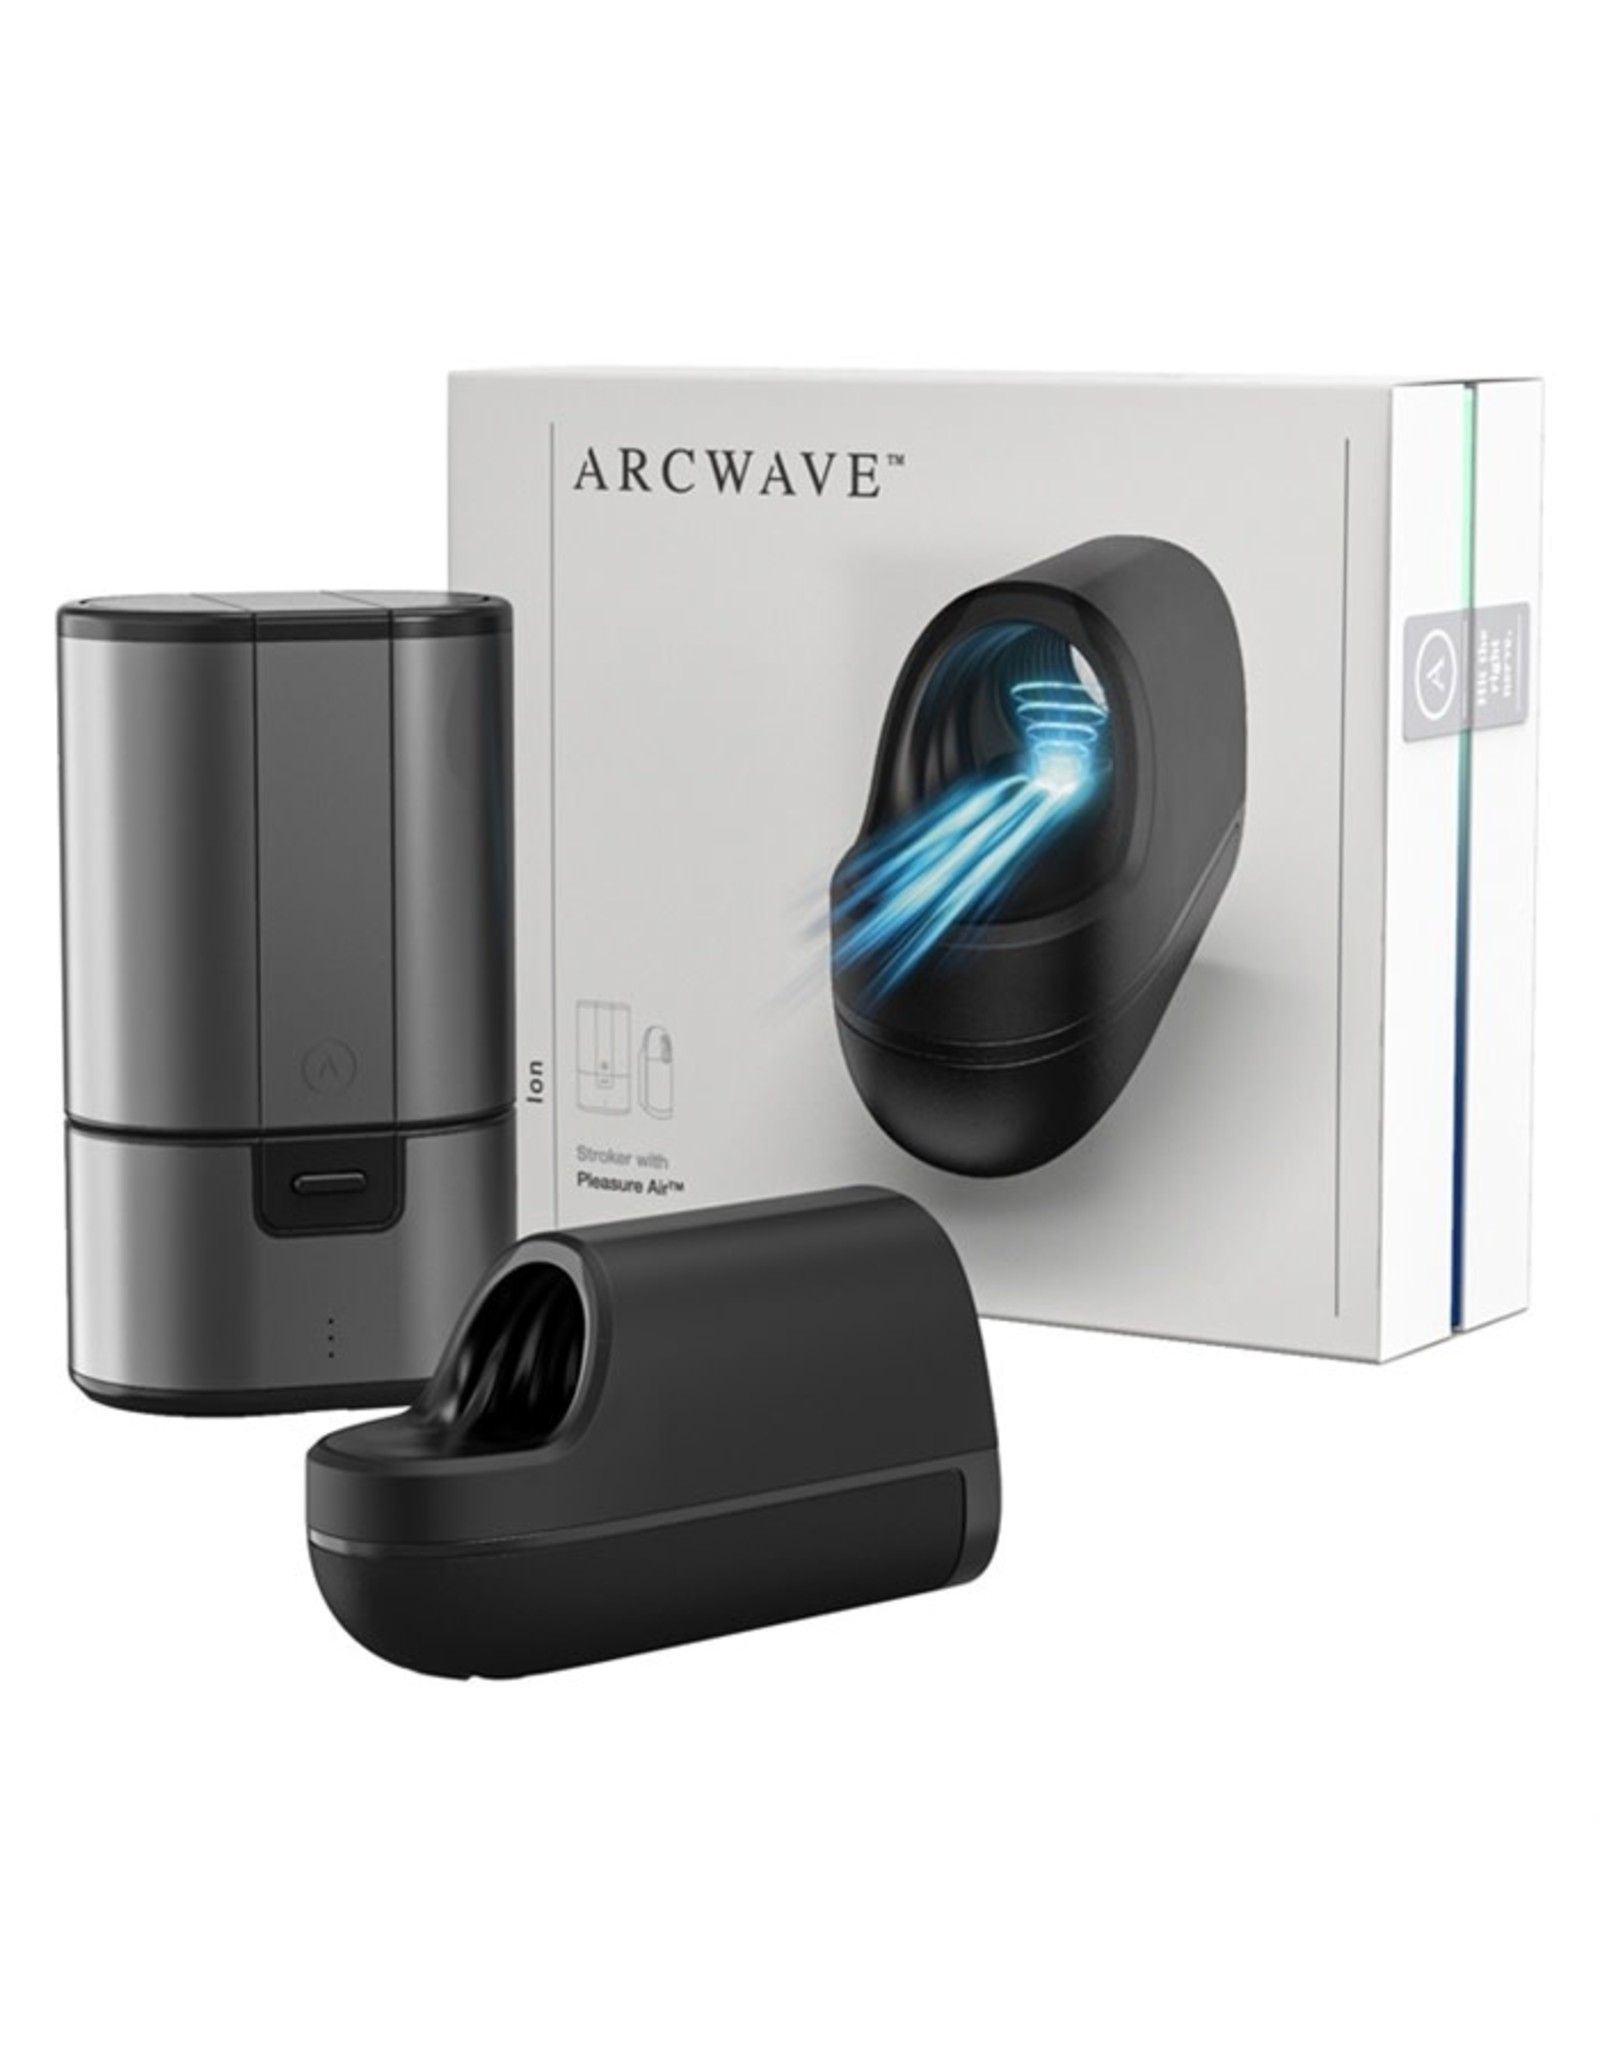 ArcWave ArcWave - Ion Pleasure Air Technology Masturbator